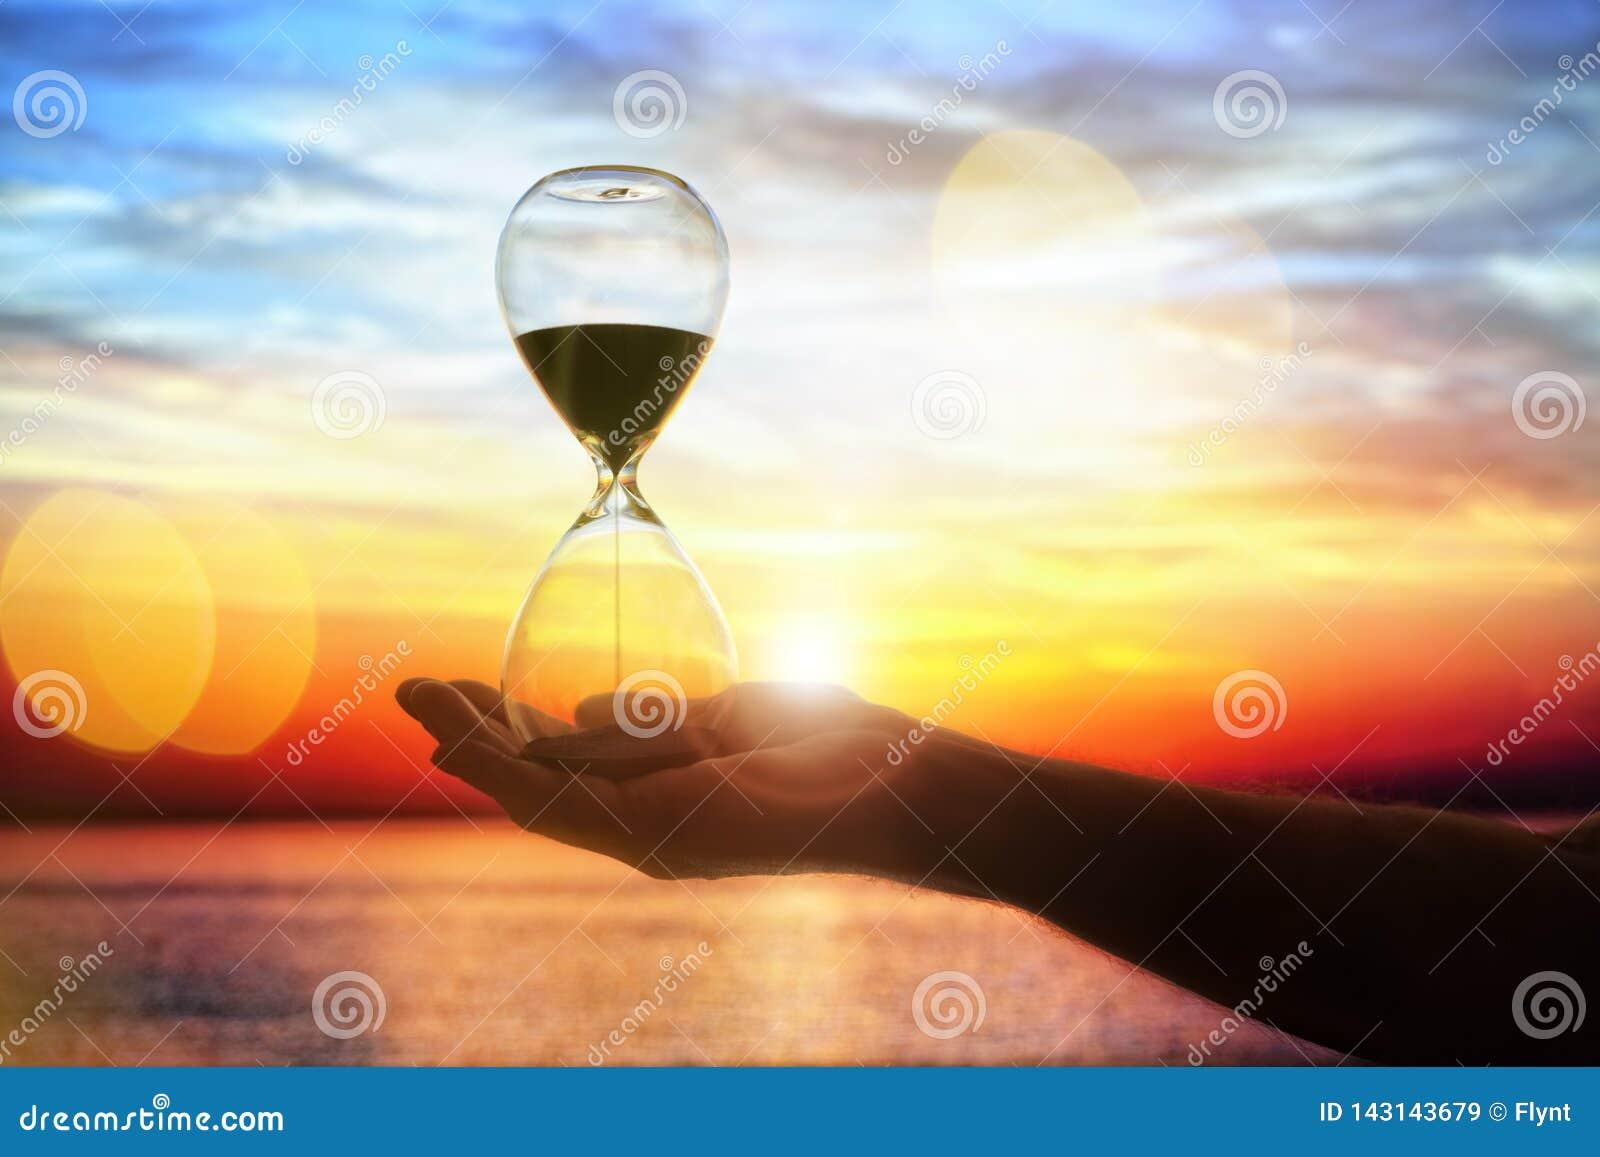 Ampulheta no conceito do por do sol para a passagem do tempo